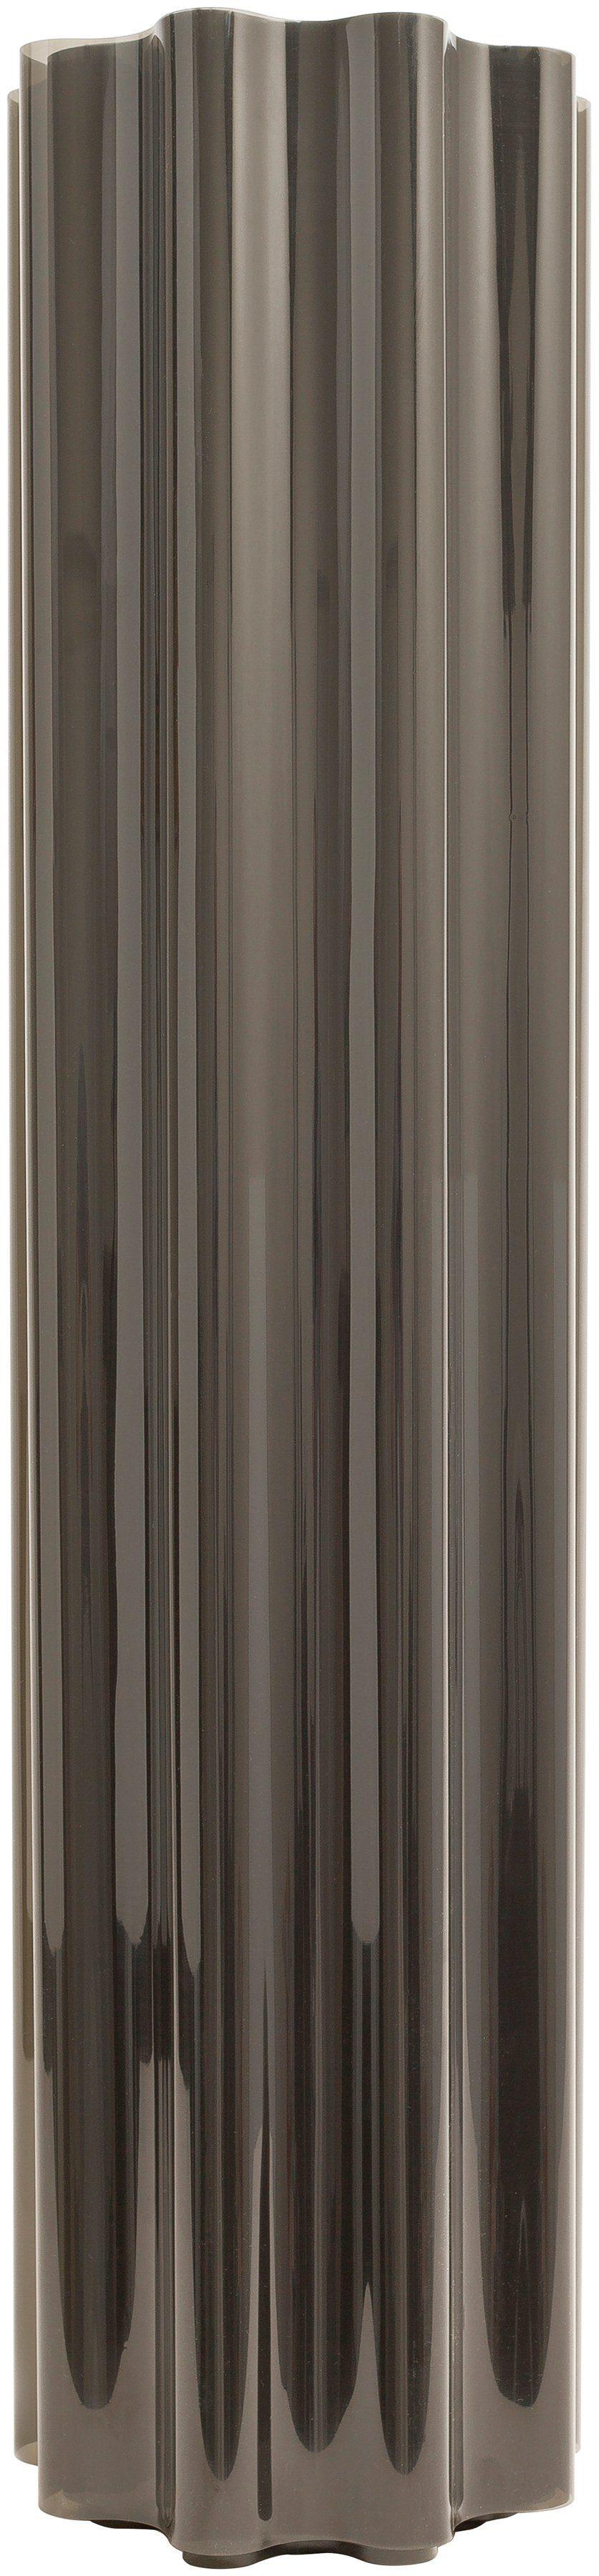 Wellplatte »Rolle sinus«, rauch, 20 m², inkl. Befestigung